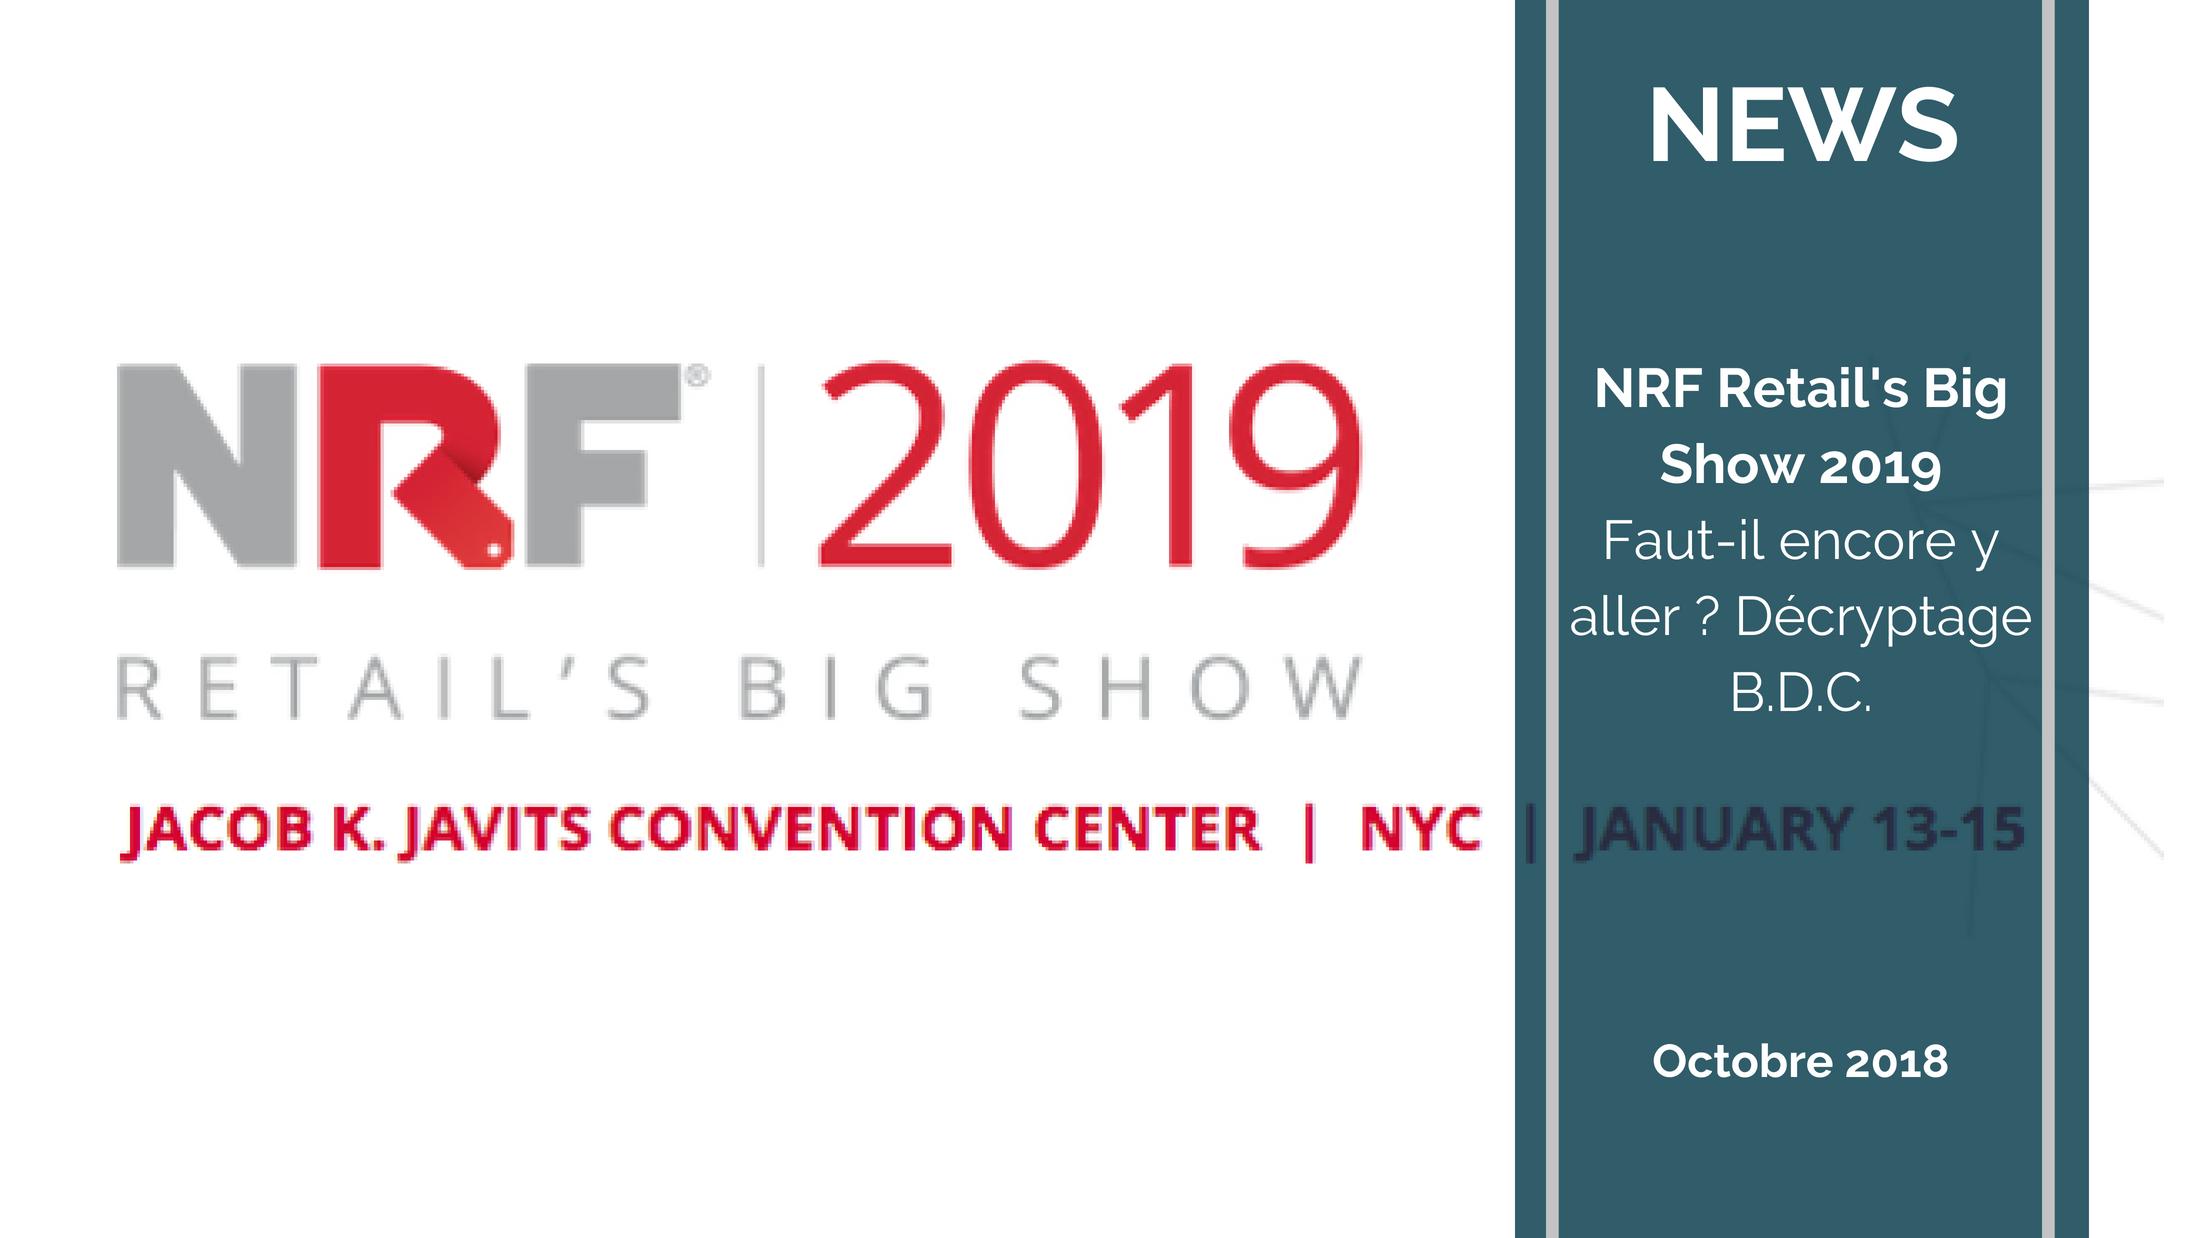 Trends News suite - NRF Retail's Big Show 2019 - Faut-il encore y aller ? Décryptage B.D.C.